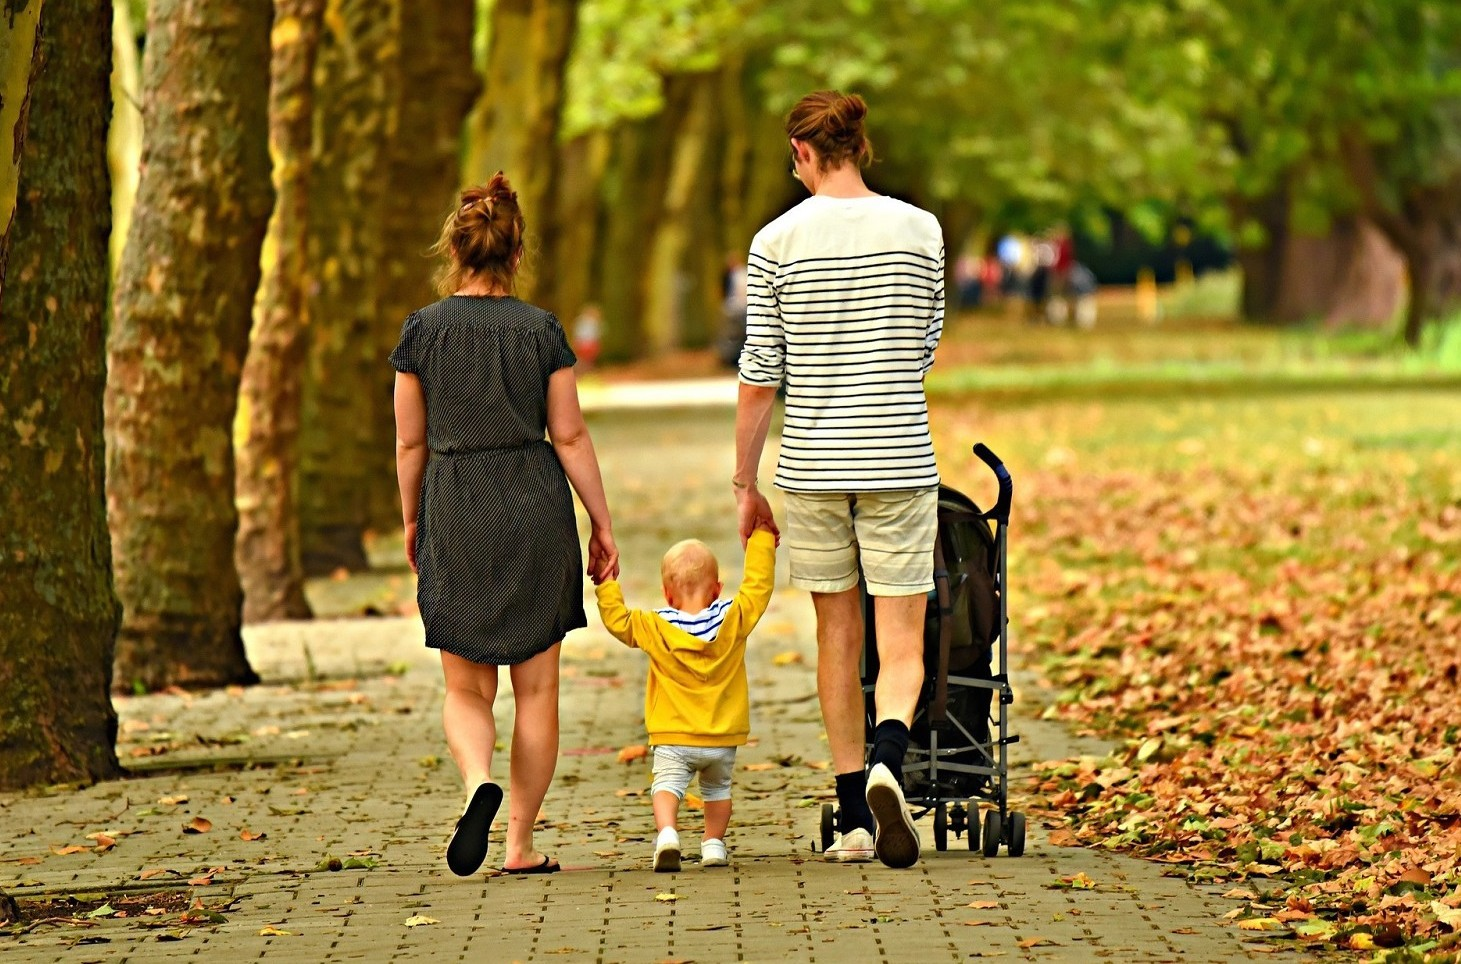 Se uno dei due genitori divorziati cambia città, come si regola affidamento e visite al figlio